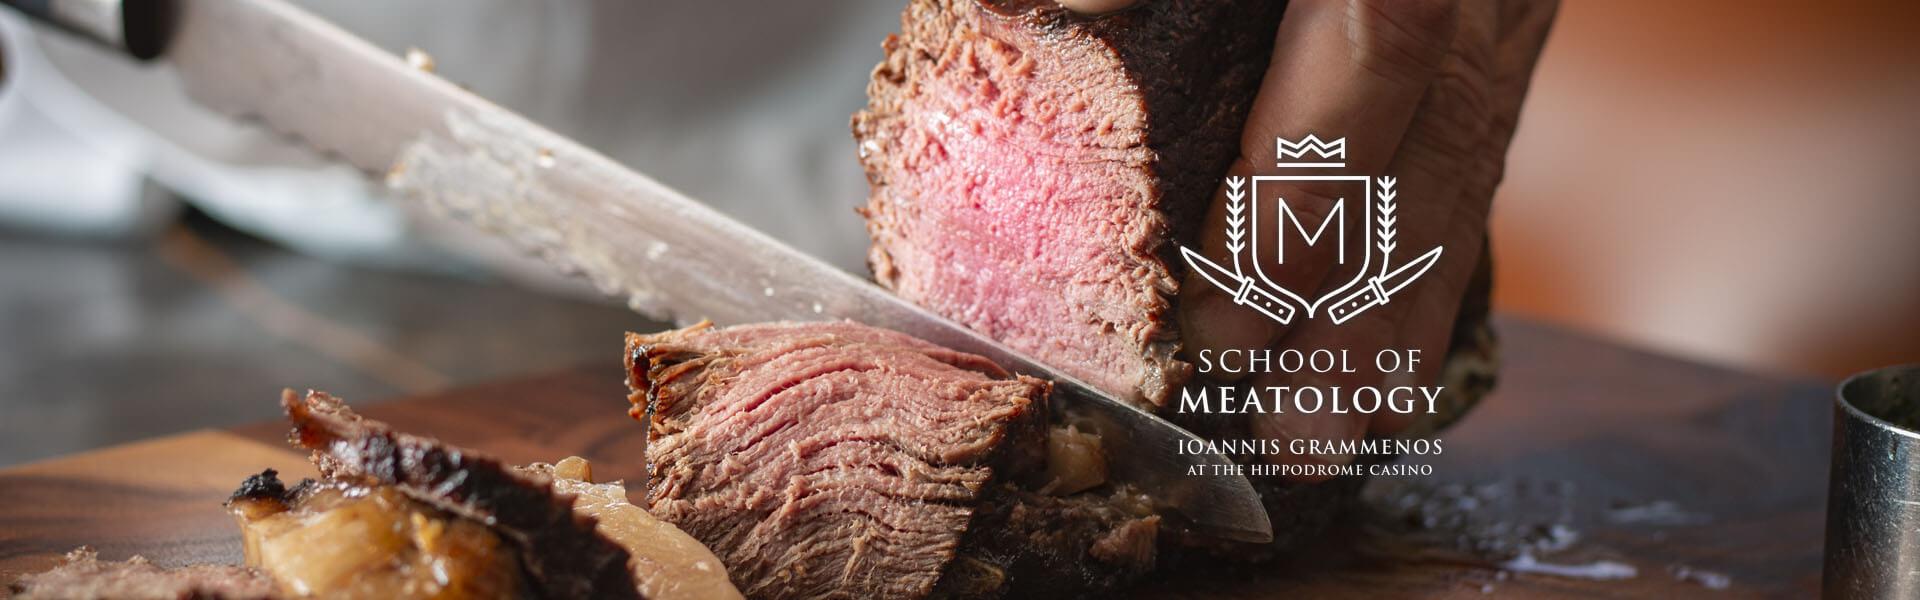 School of Meatology